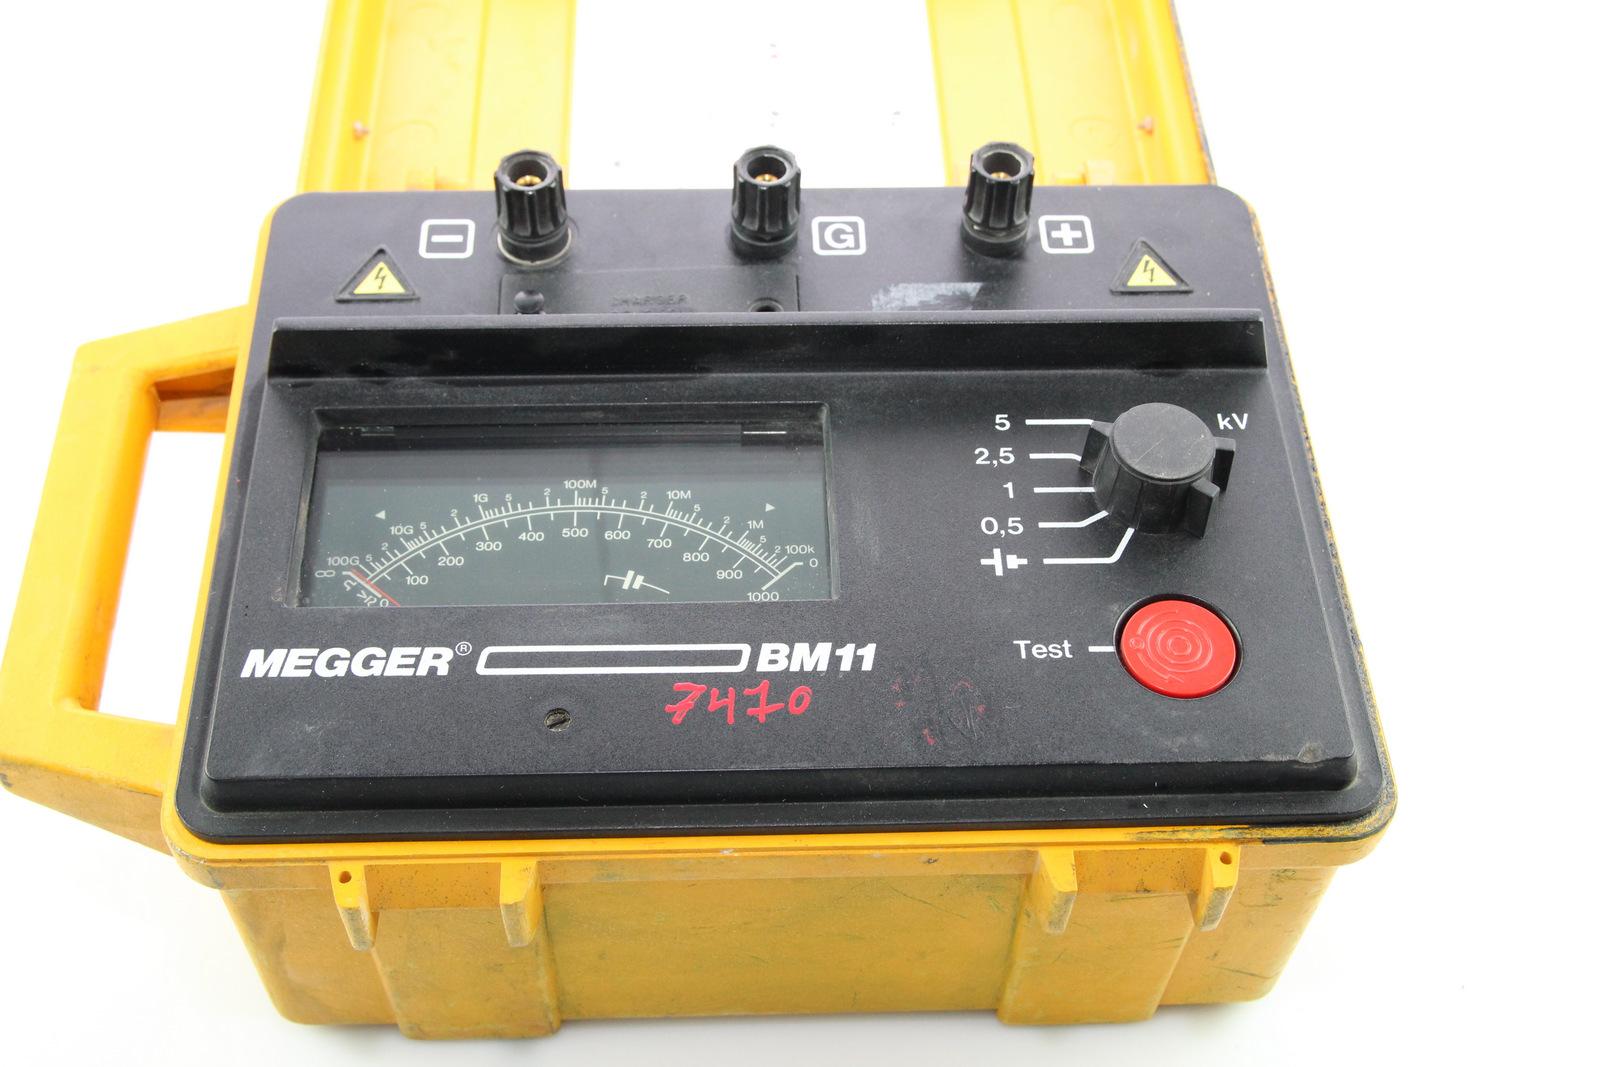 Surplus Electronic Test Equipment : Megger bm kv insulation tester ebay